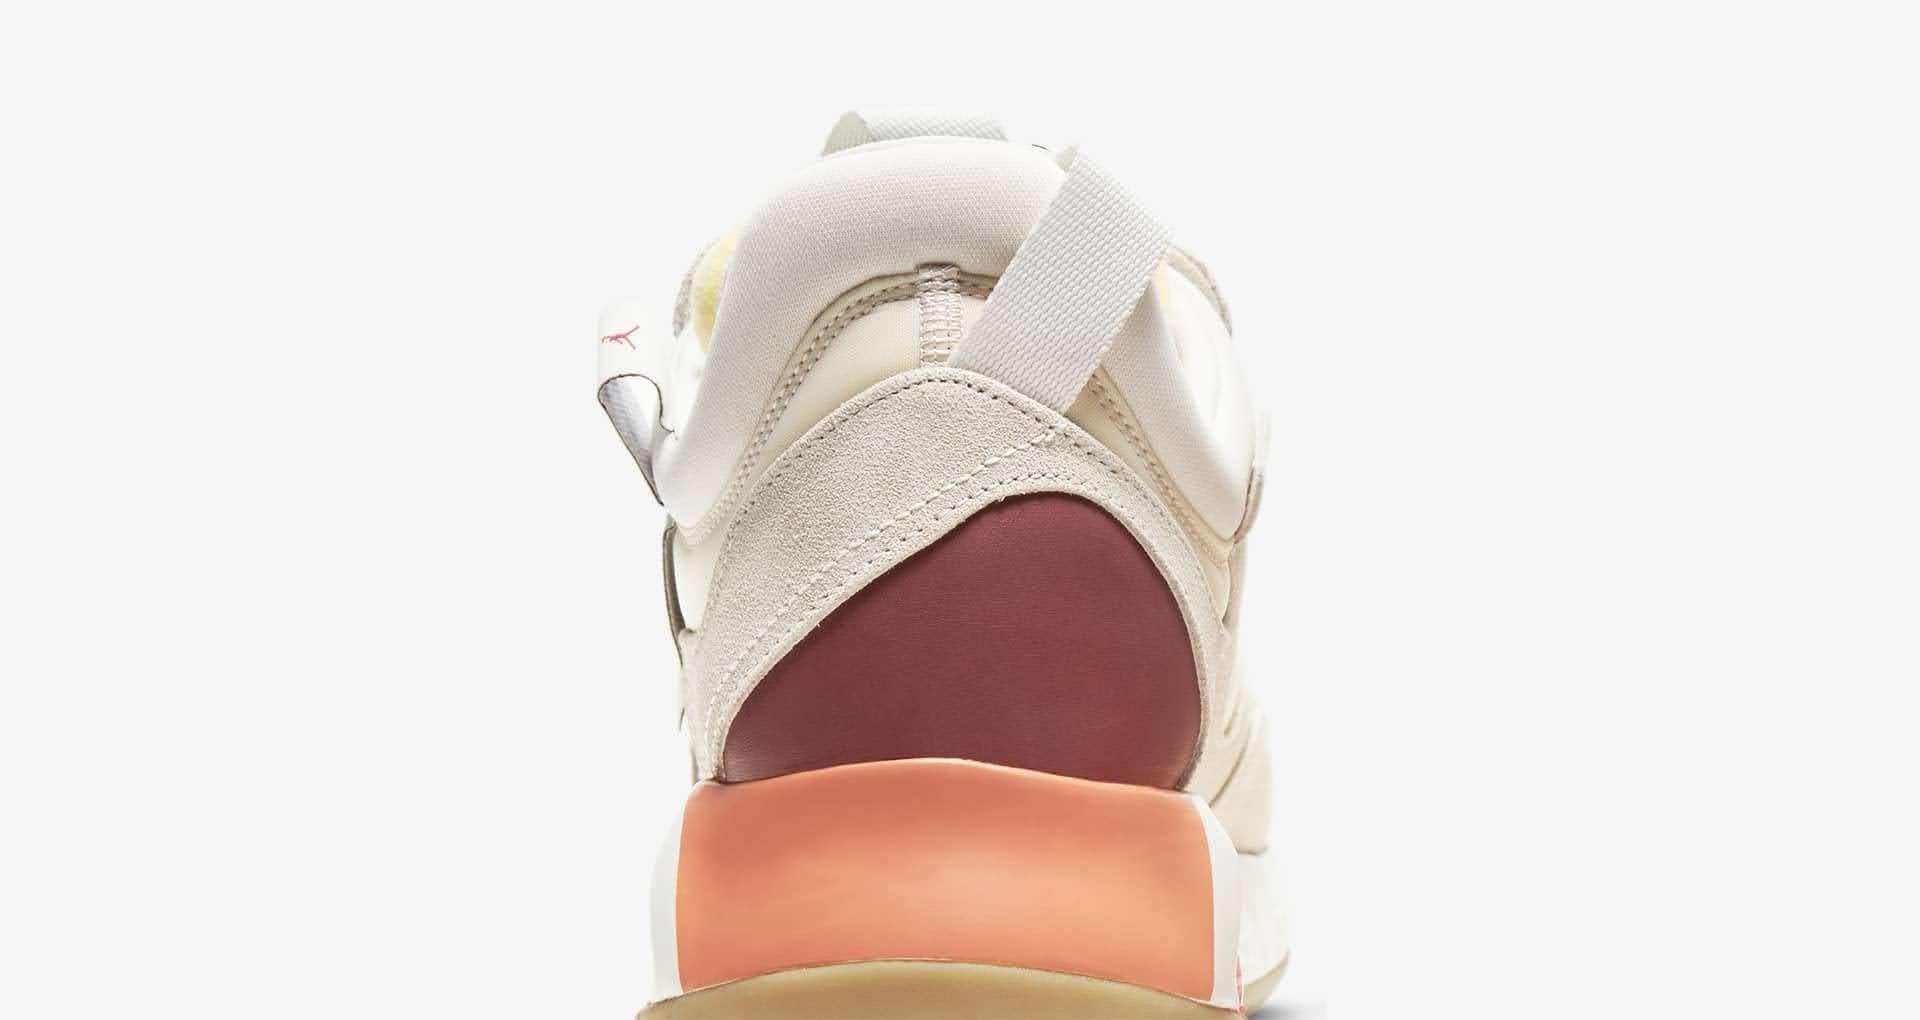 """ナイキ ジョーダン MA2 """"フューチャー ビギニングス"""" Nike-jordan-ma2-future-beginnings-DA2552-100-heel-closeup"""